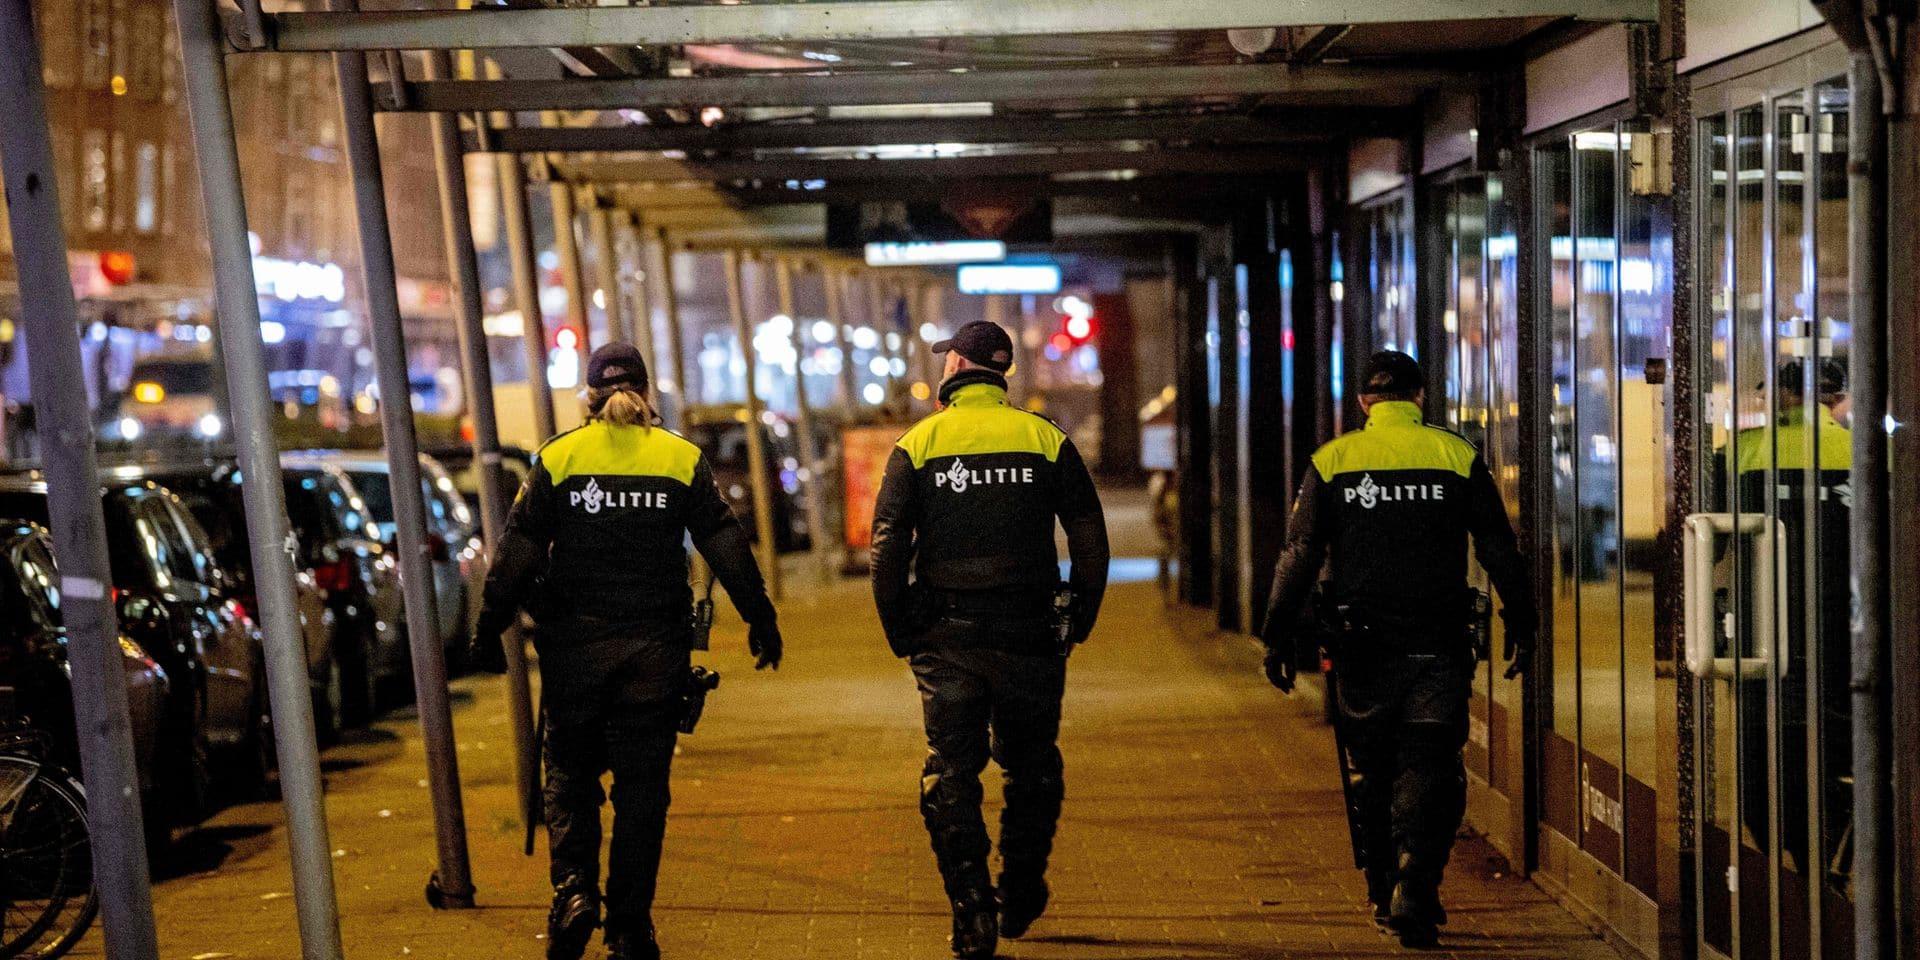 Pays-Bas: la police de Rotterdam arrête 25 personnes durant une soirée plus calme que les dernières